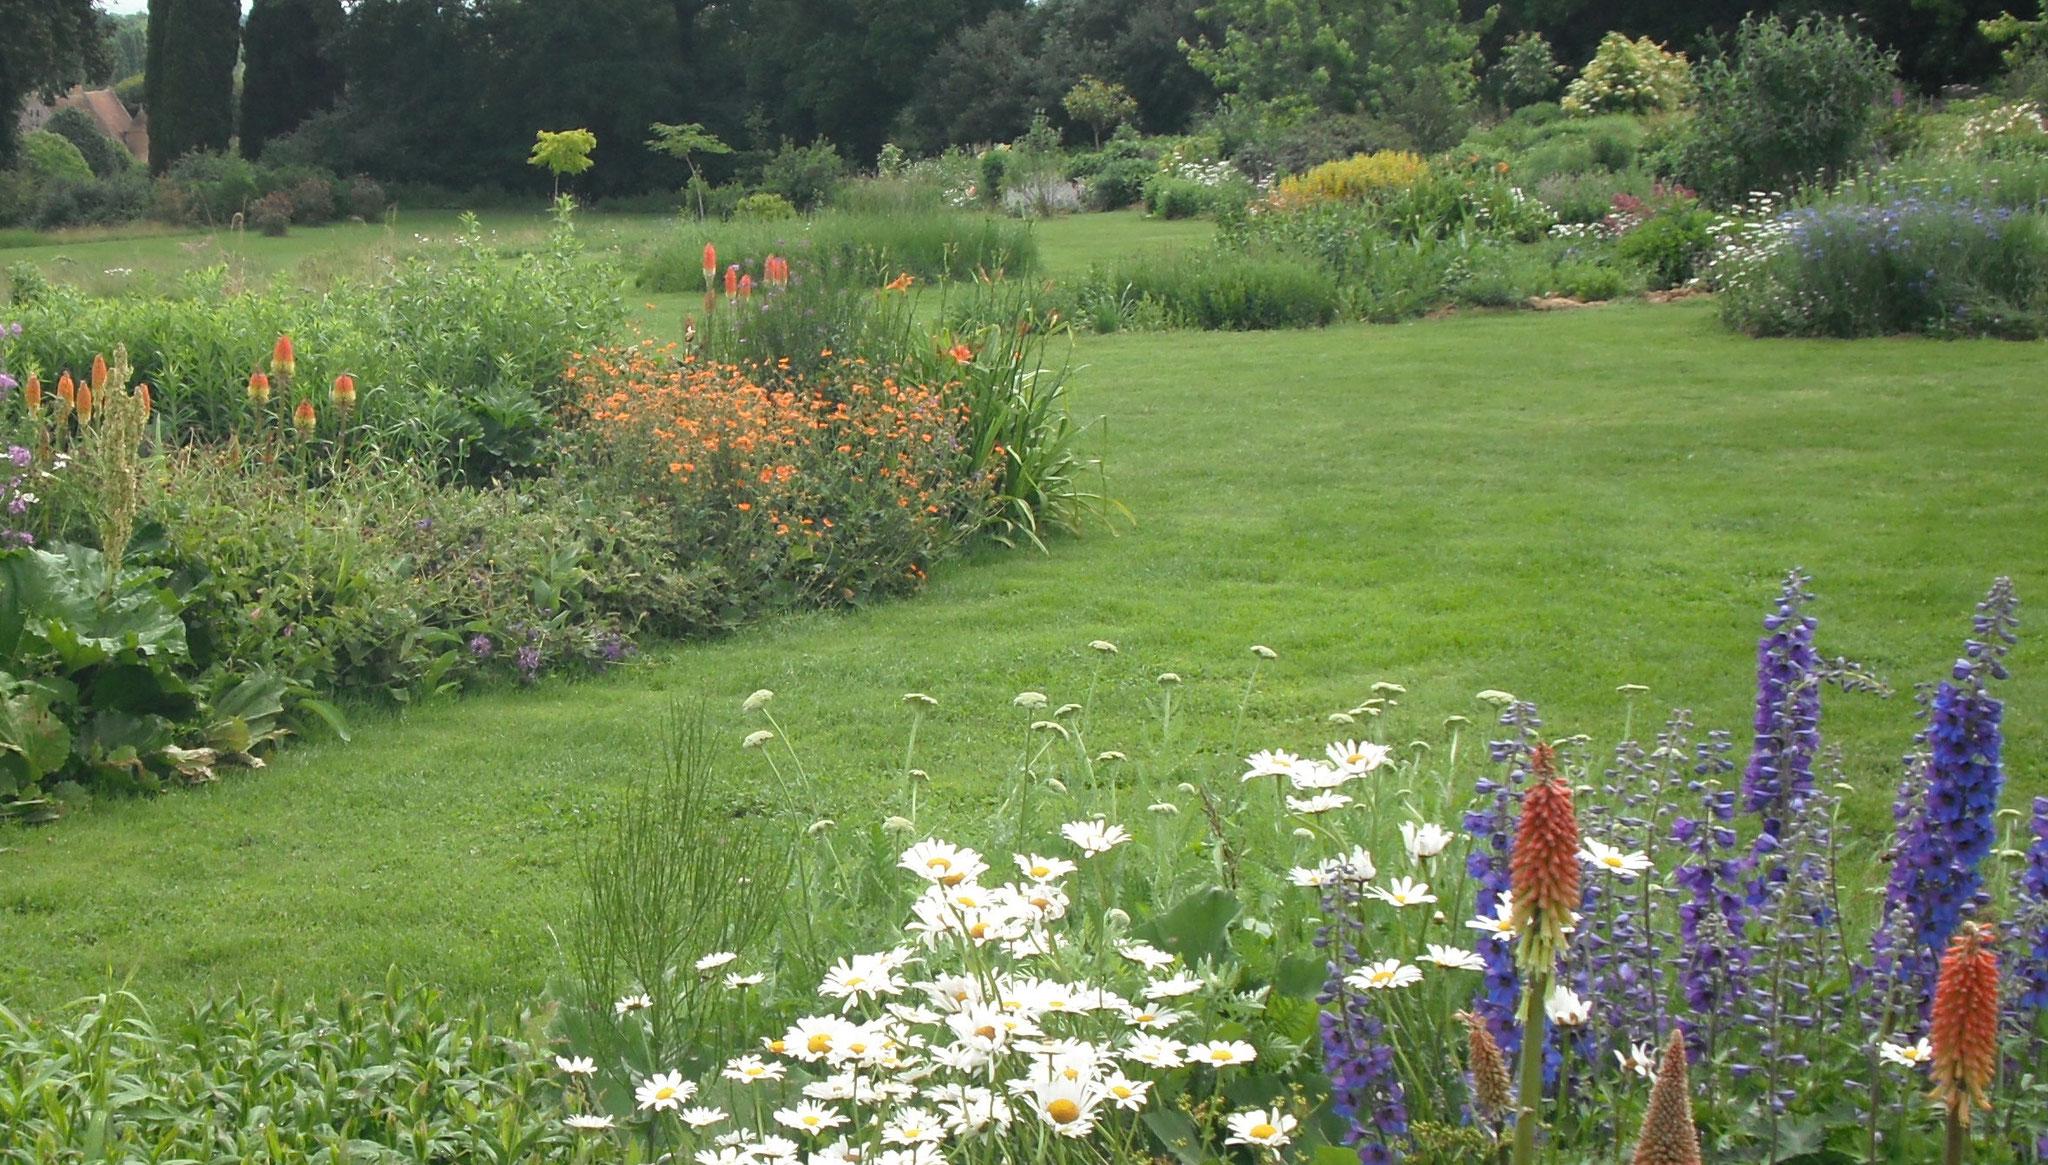 Jardin mosaique asni res sur v gre lejardinmosaique - Le manuel des jardins agroecologiques ...